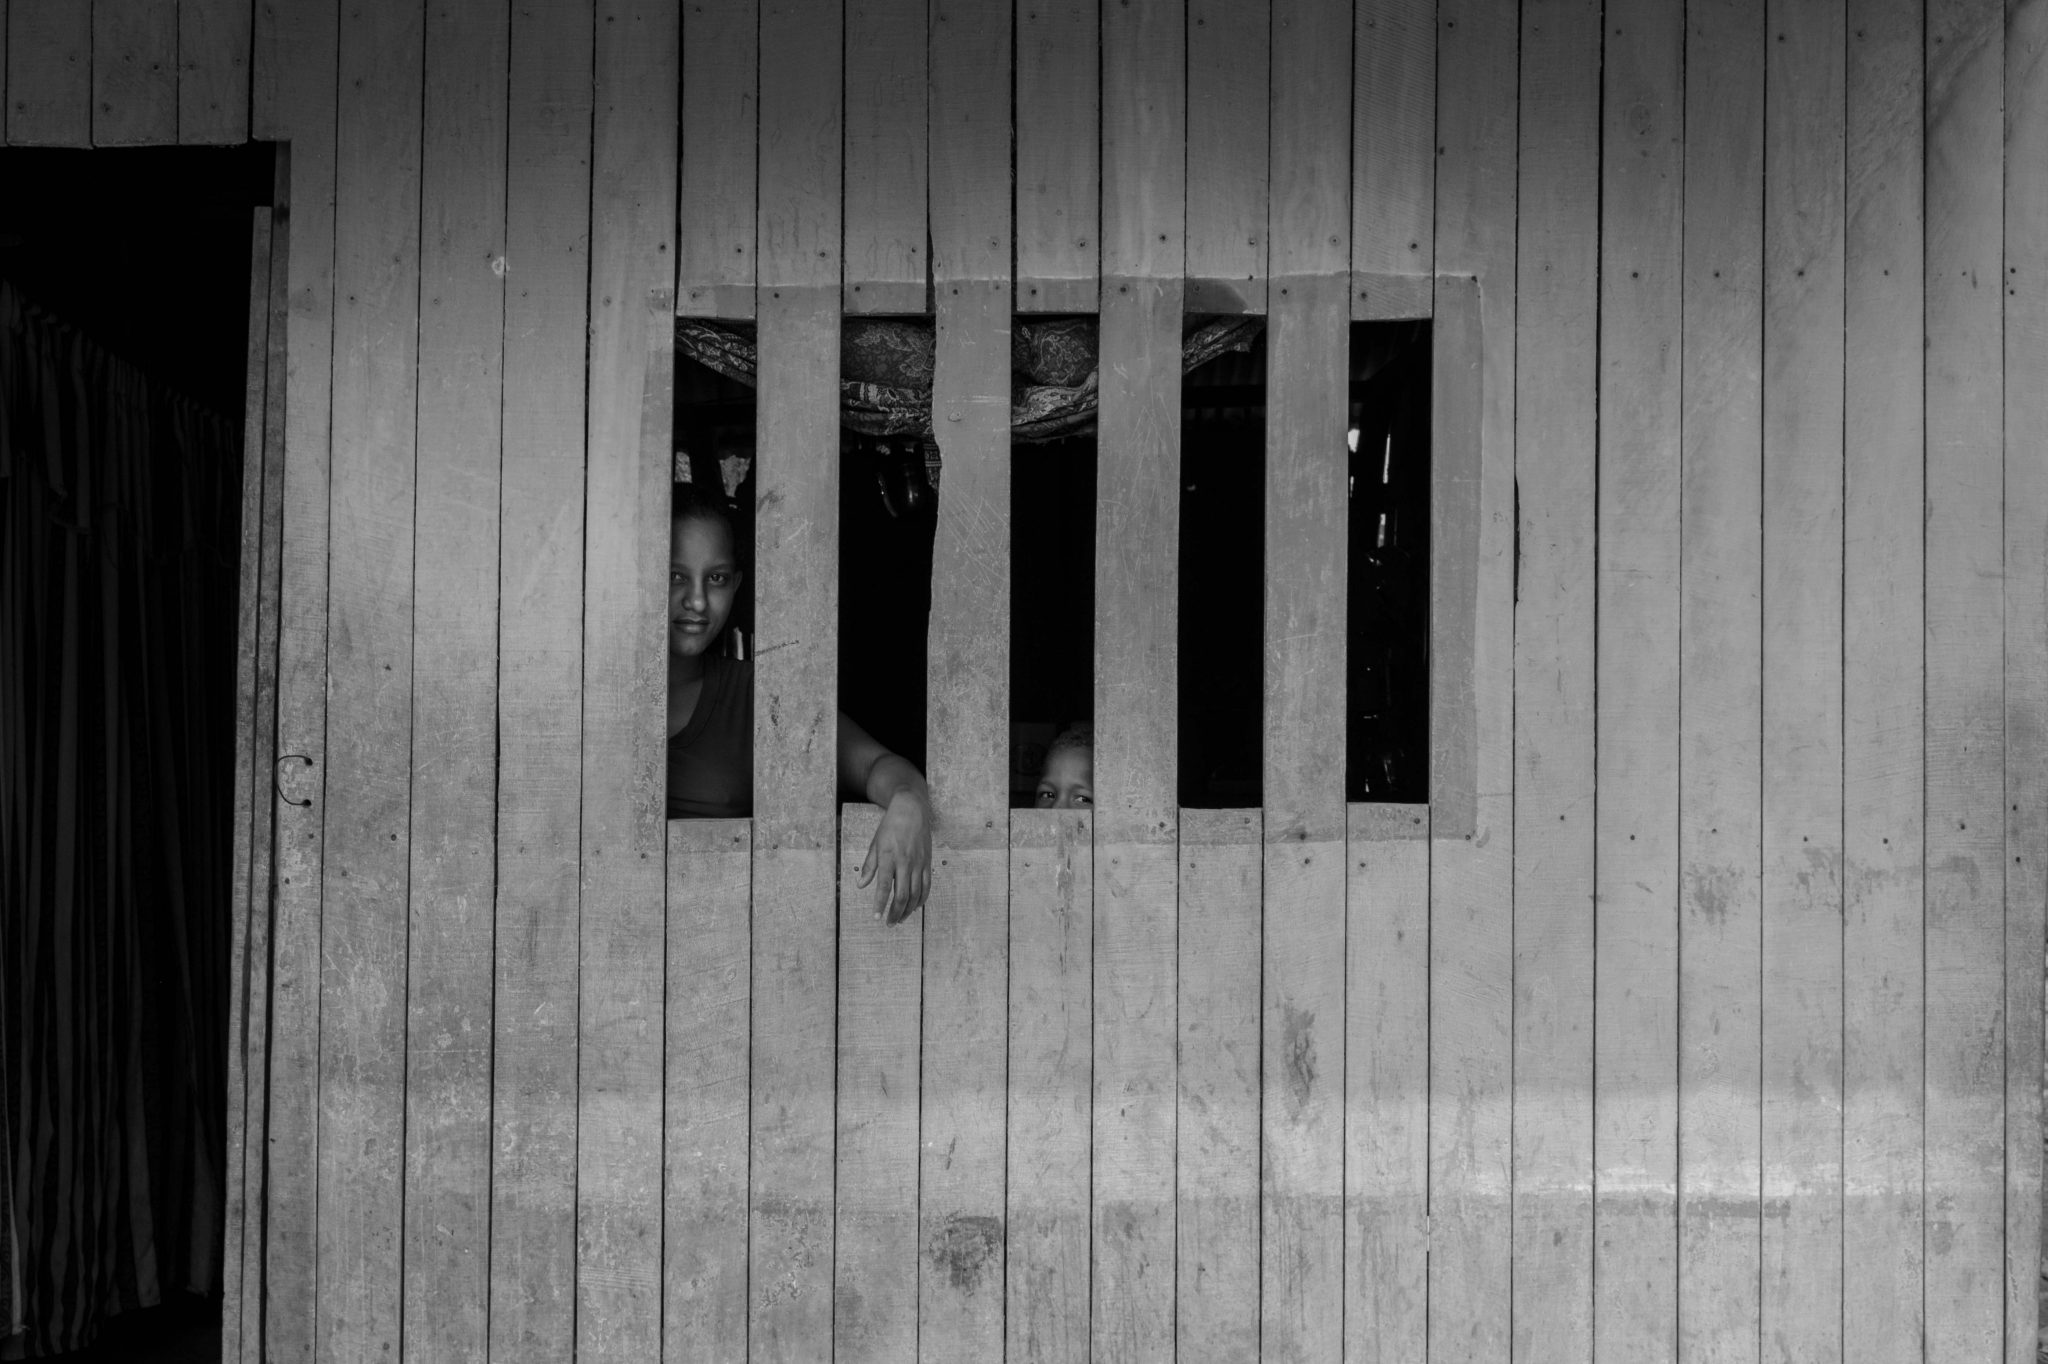 Serie Puertas y ventanas.